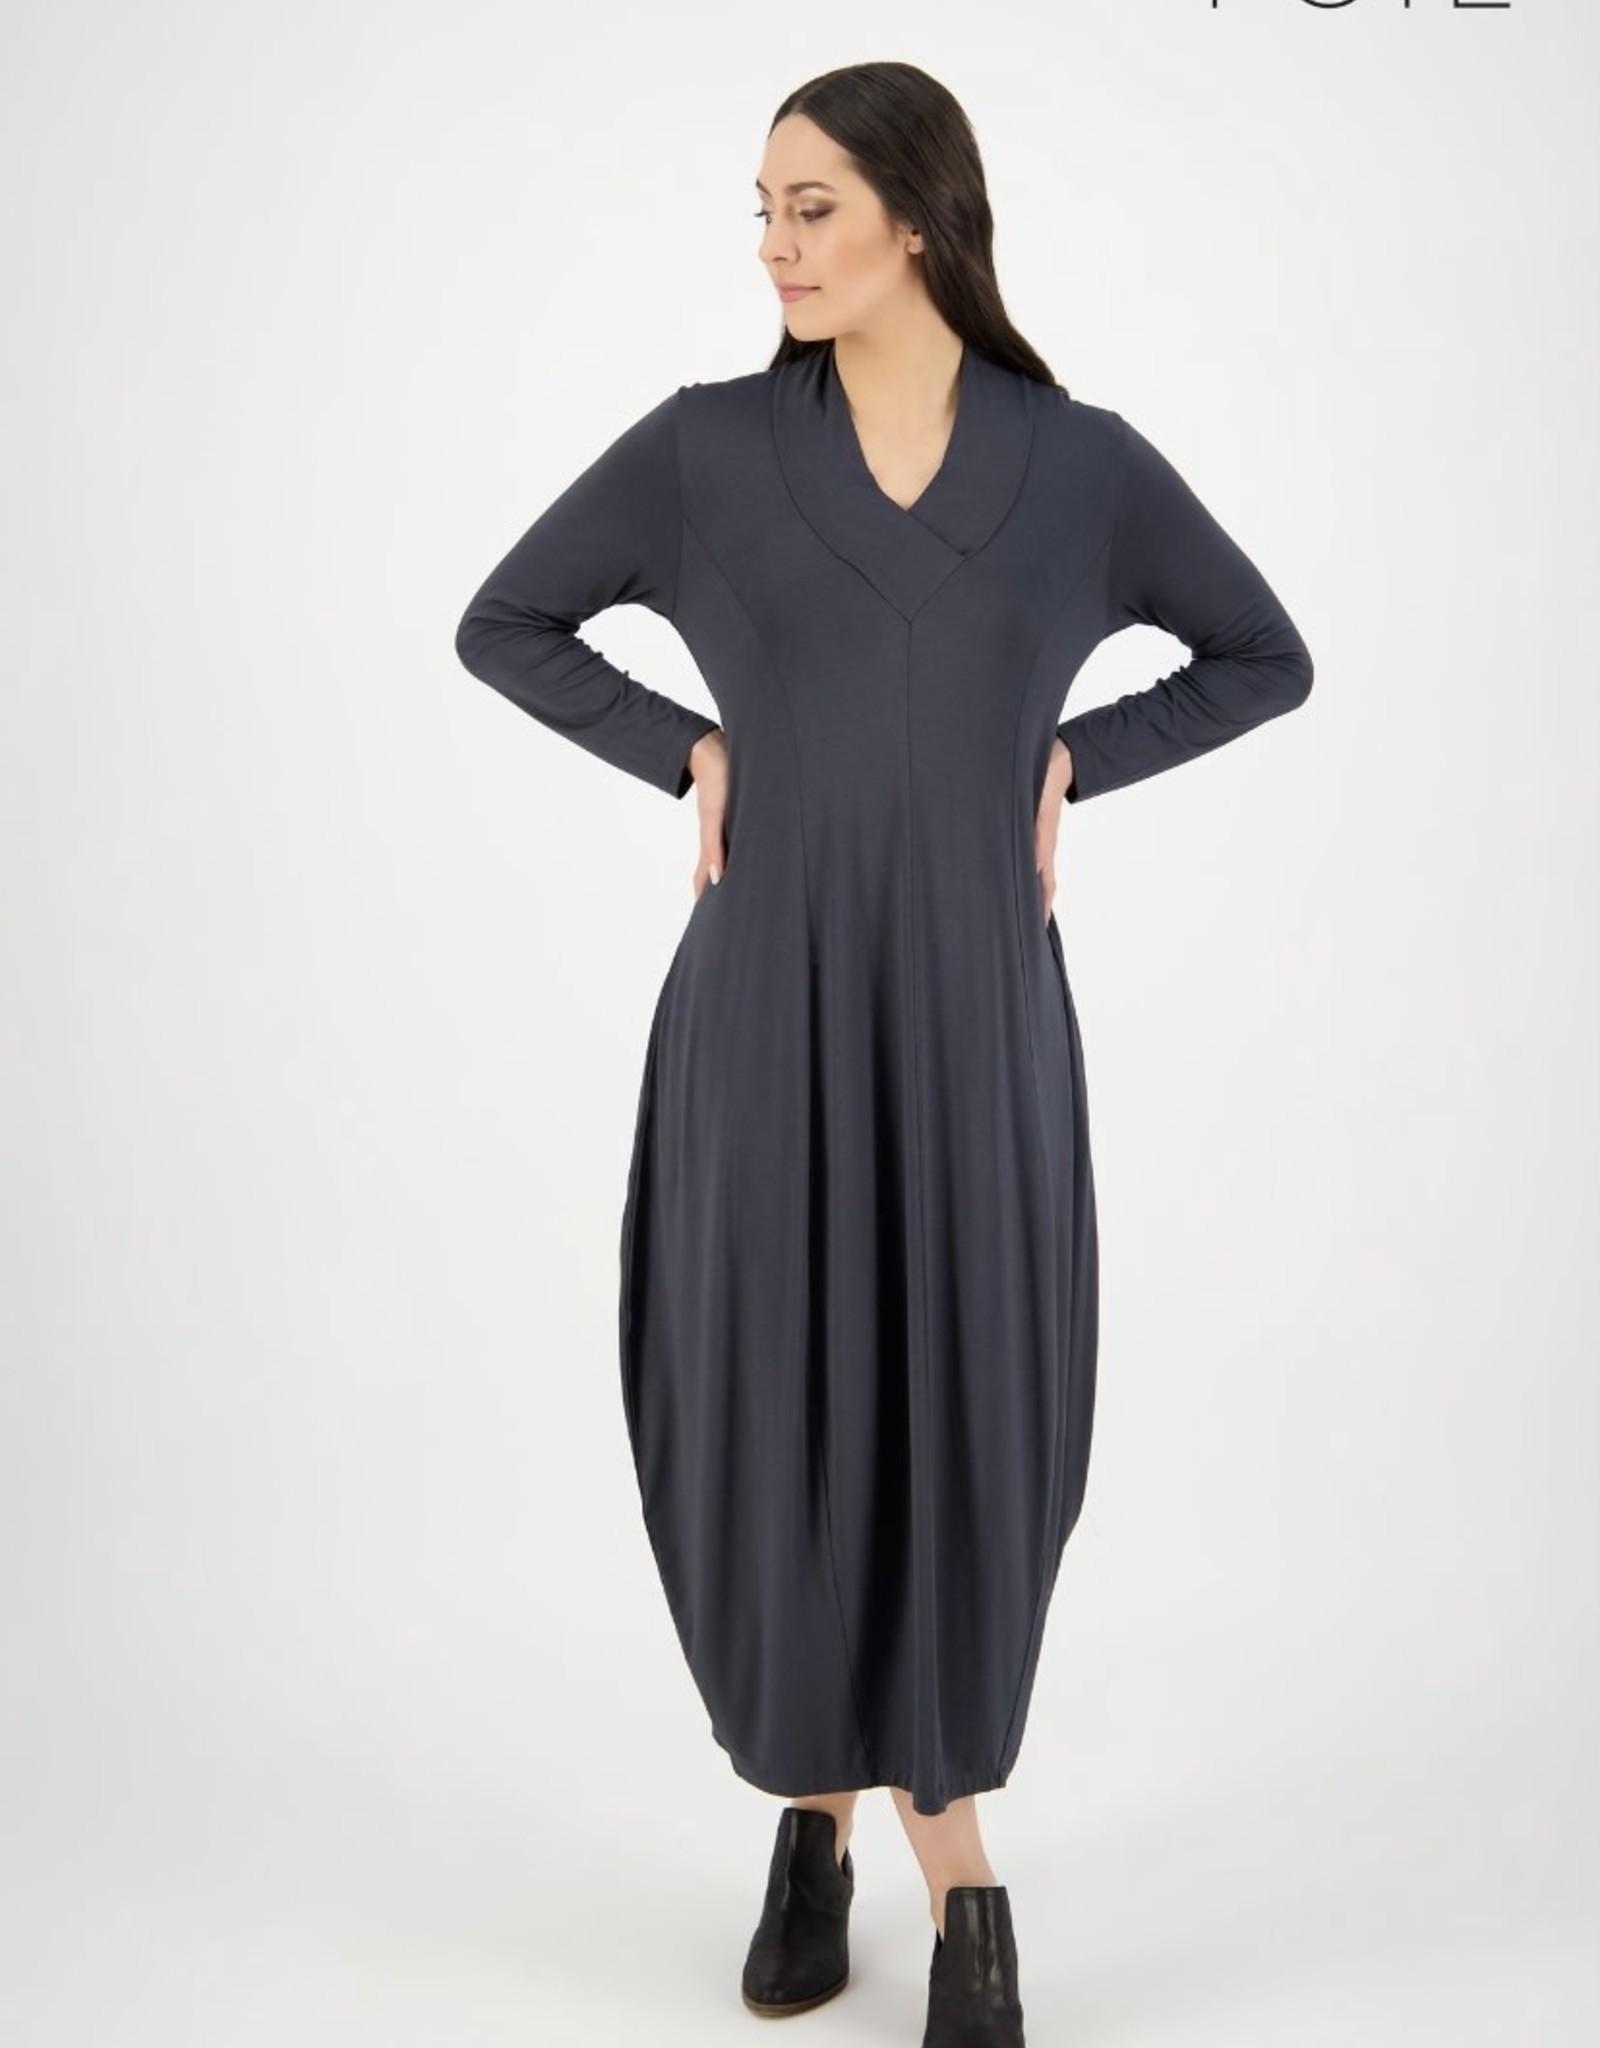 Foil Foil Support Dress